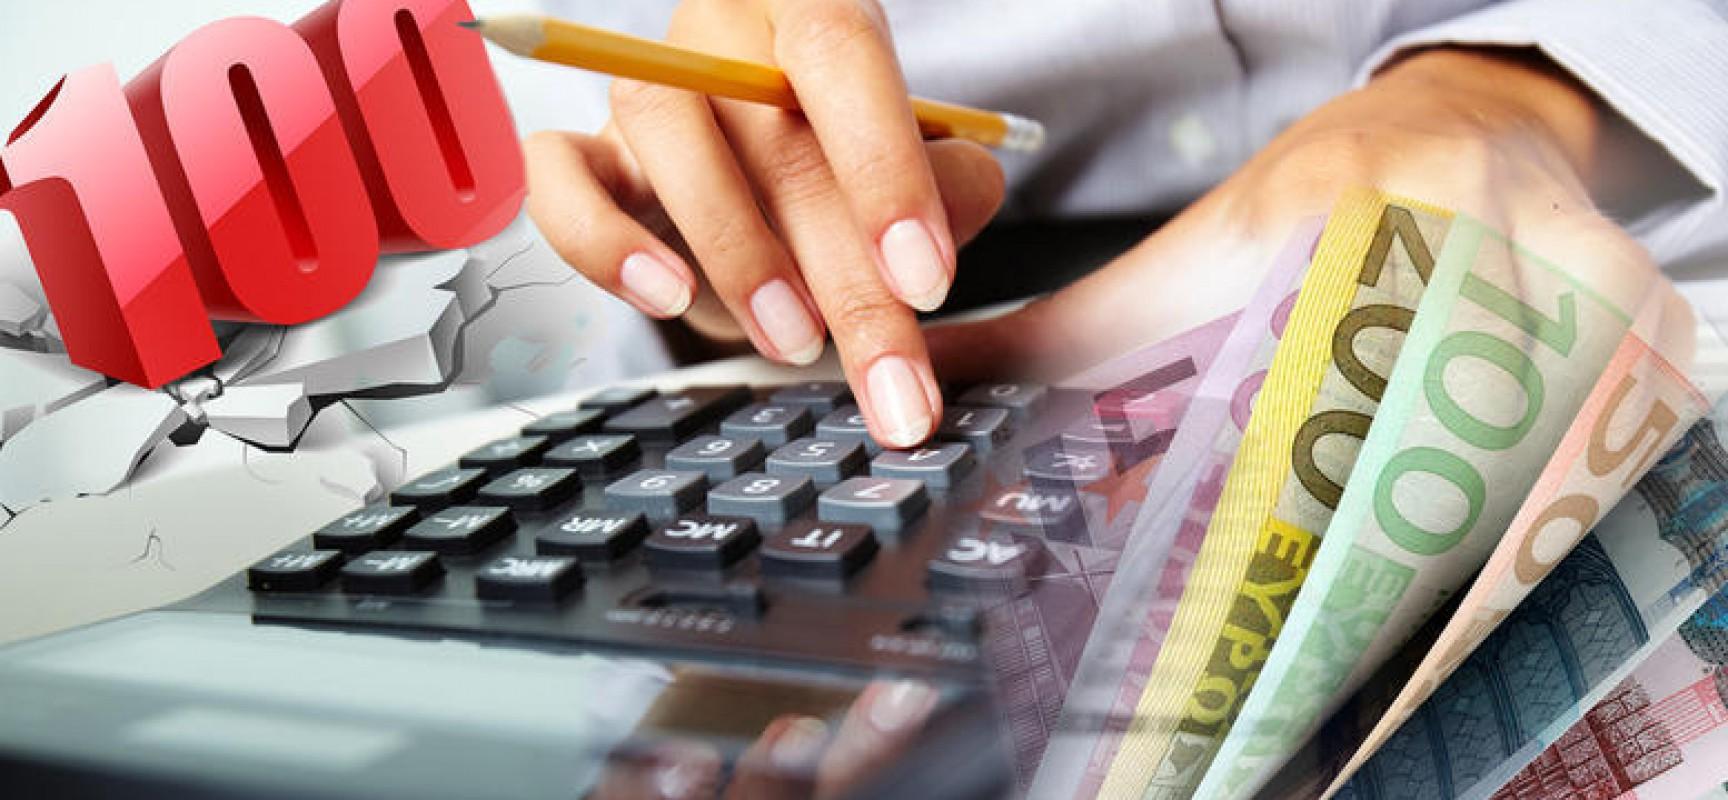 Ρύθμιση έως και 100 δόσεις για χρέη προς το Δήμο Σοφάδων